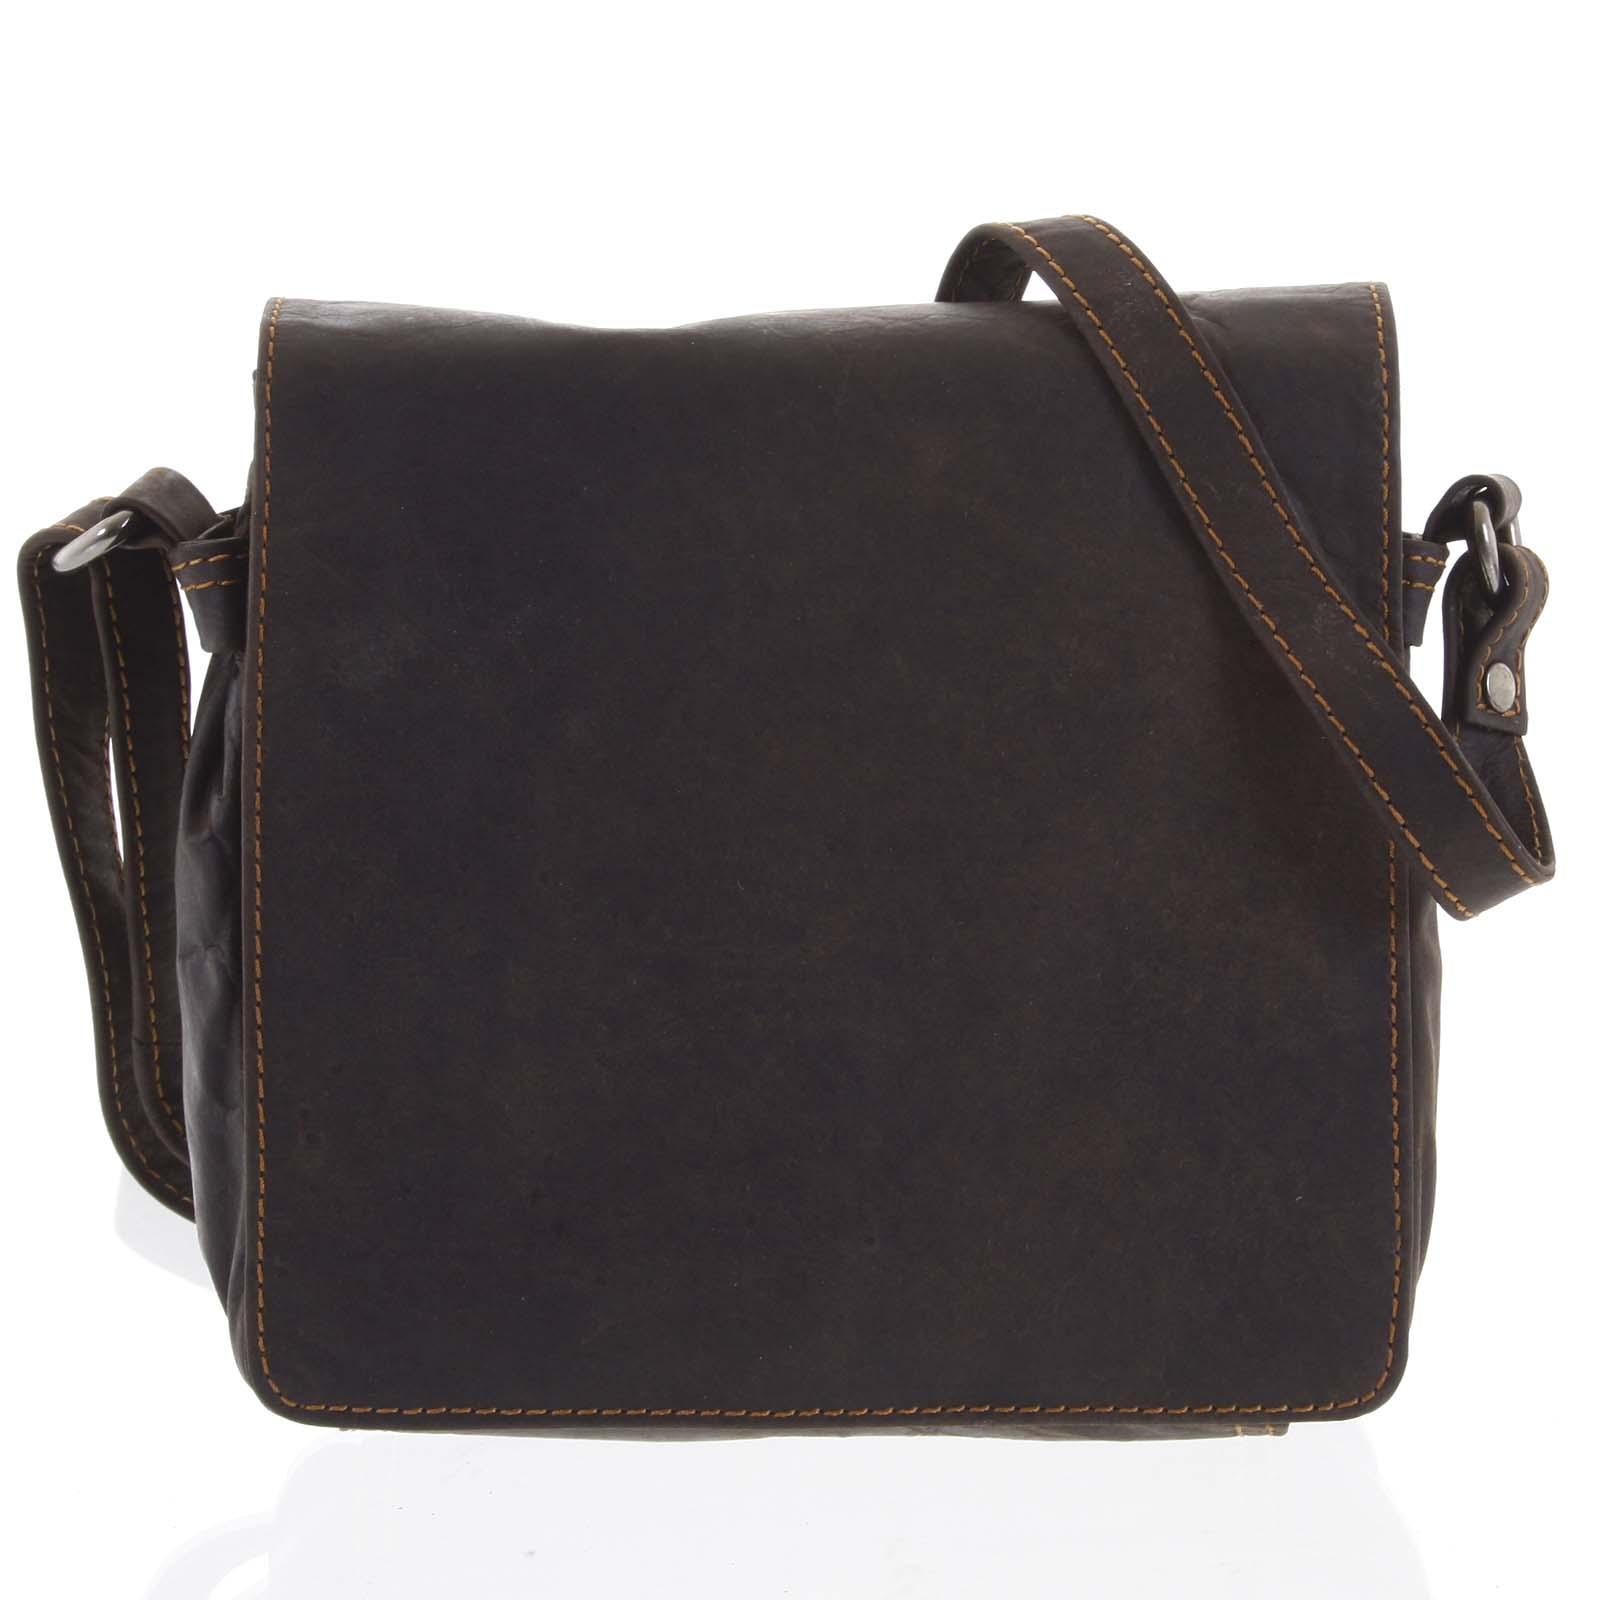 Pánská kožená crossbody taška tmavě hnědá - Greenwood Shallow